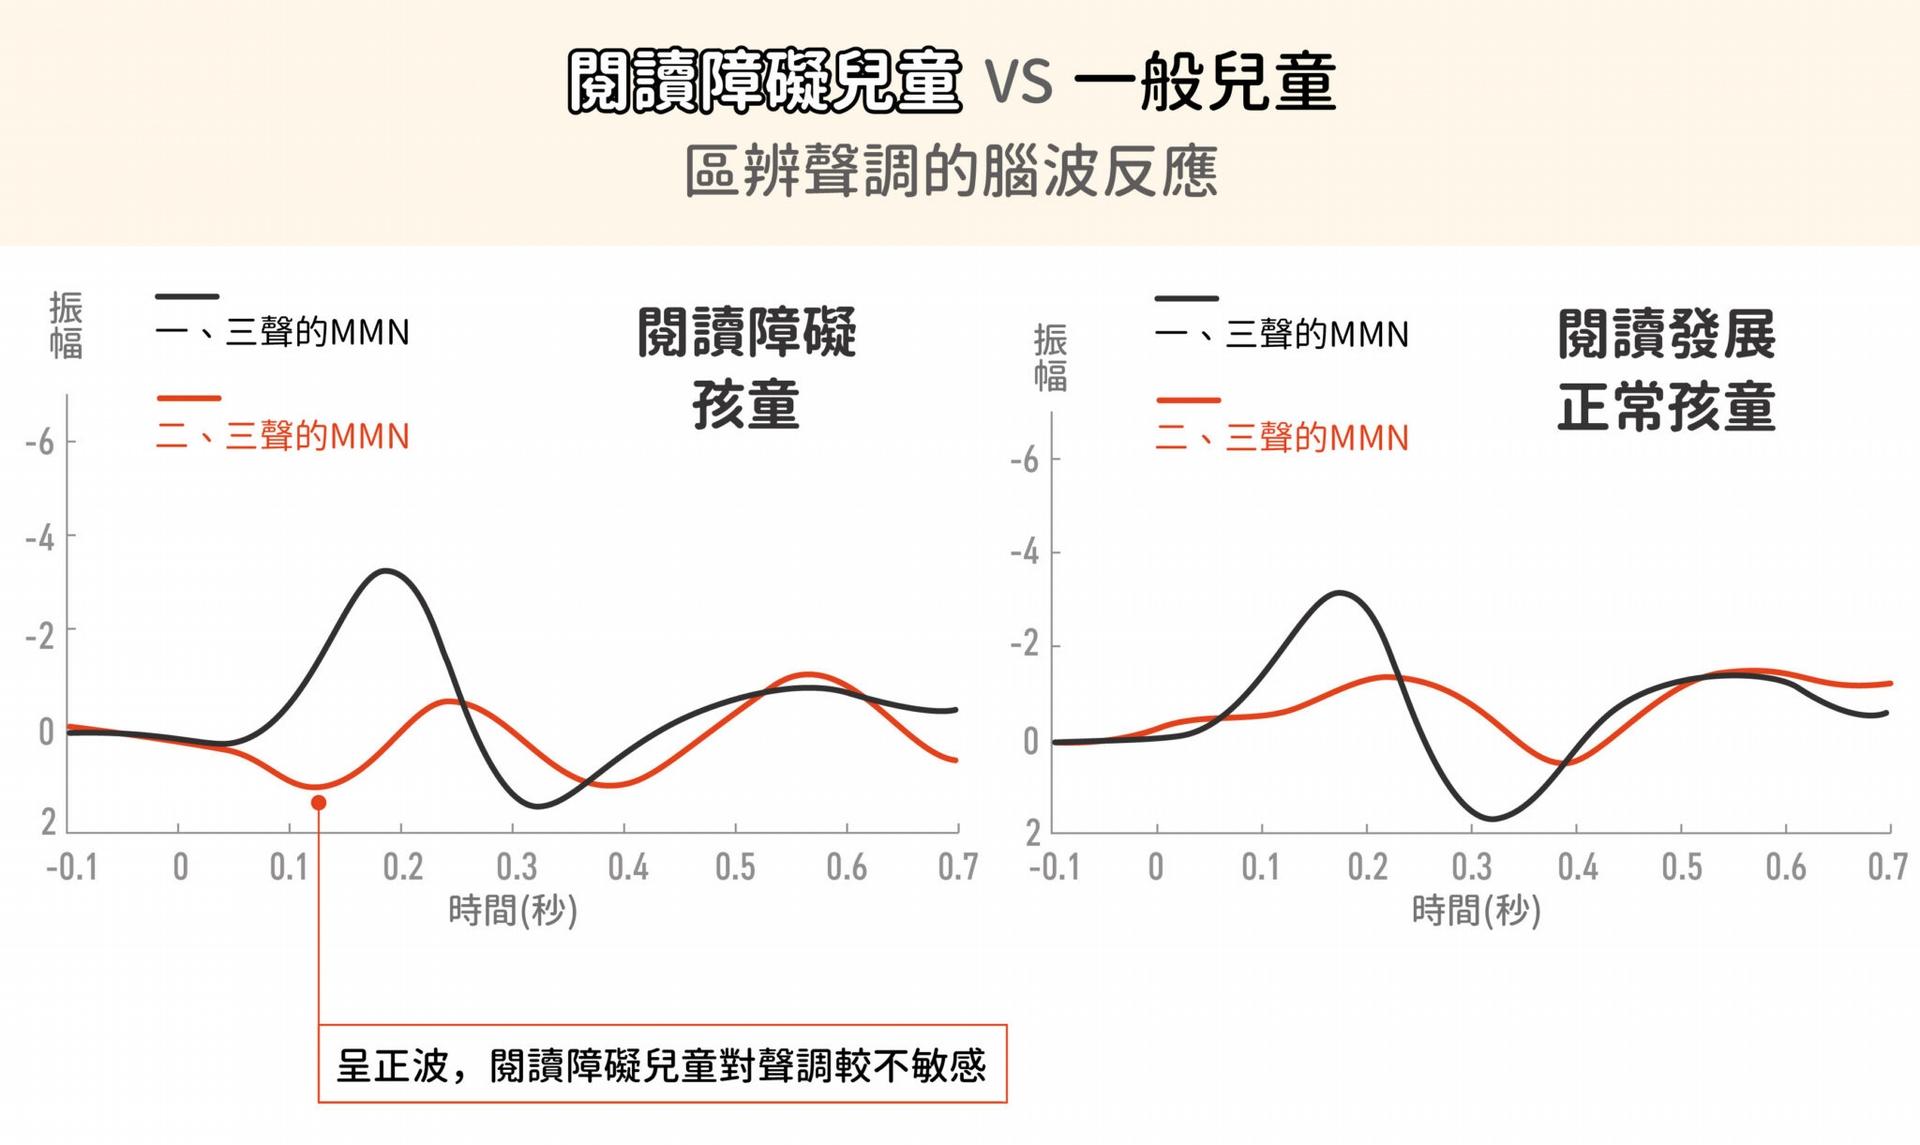 兩者在一、三聲調的 MNN 差別不大。但對於二、三聲就有差別,閱讀障礙兒童的振幅在 200 毫秒之前幾乎是正波,這顯示他們的聲調敏感度較不好。 資料來源│李佳穎